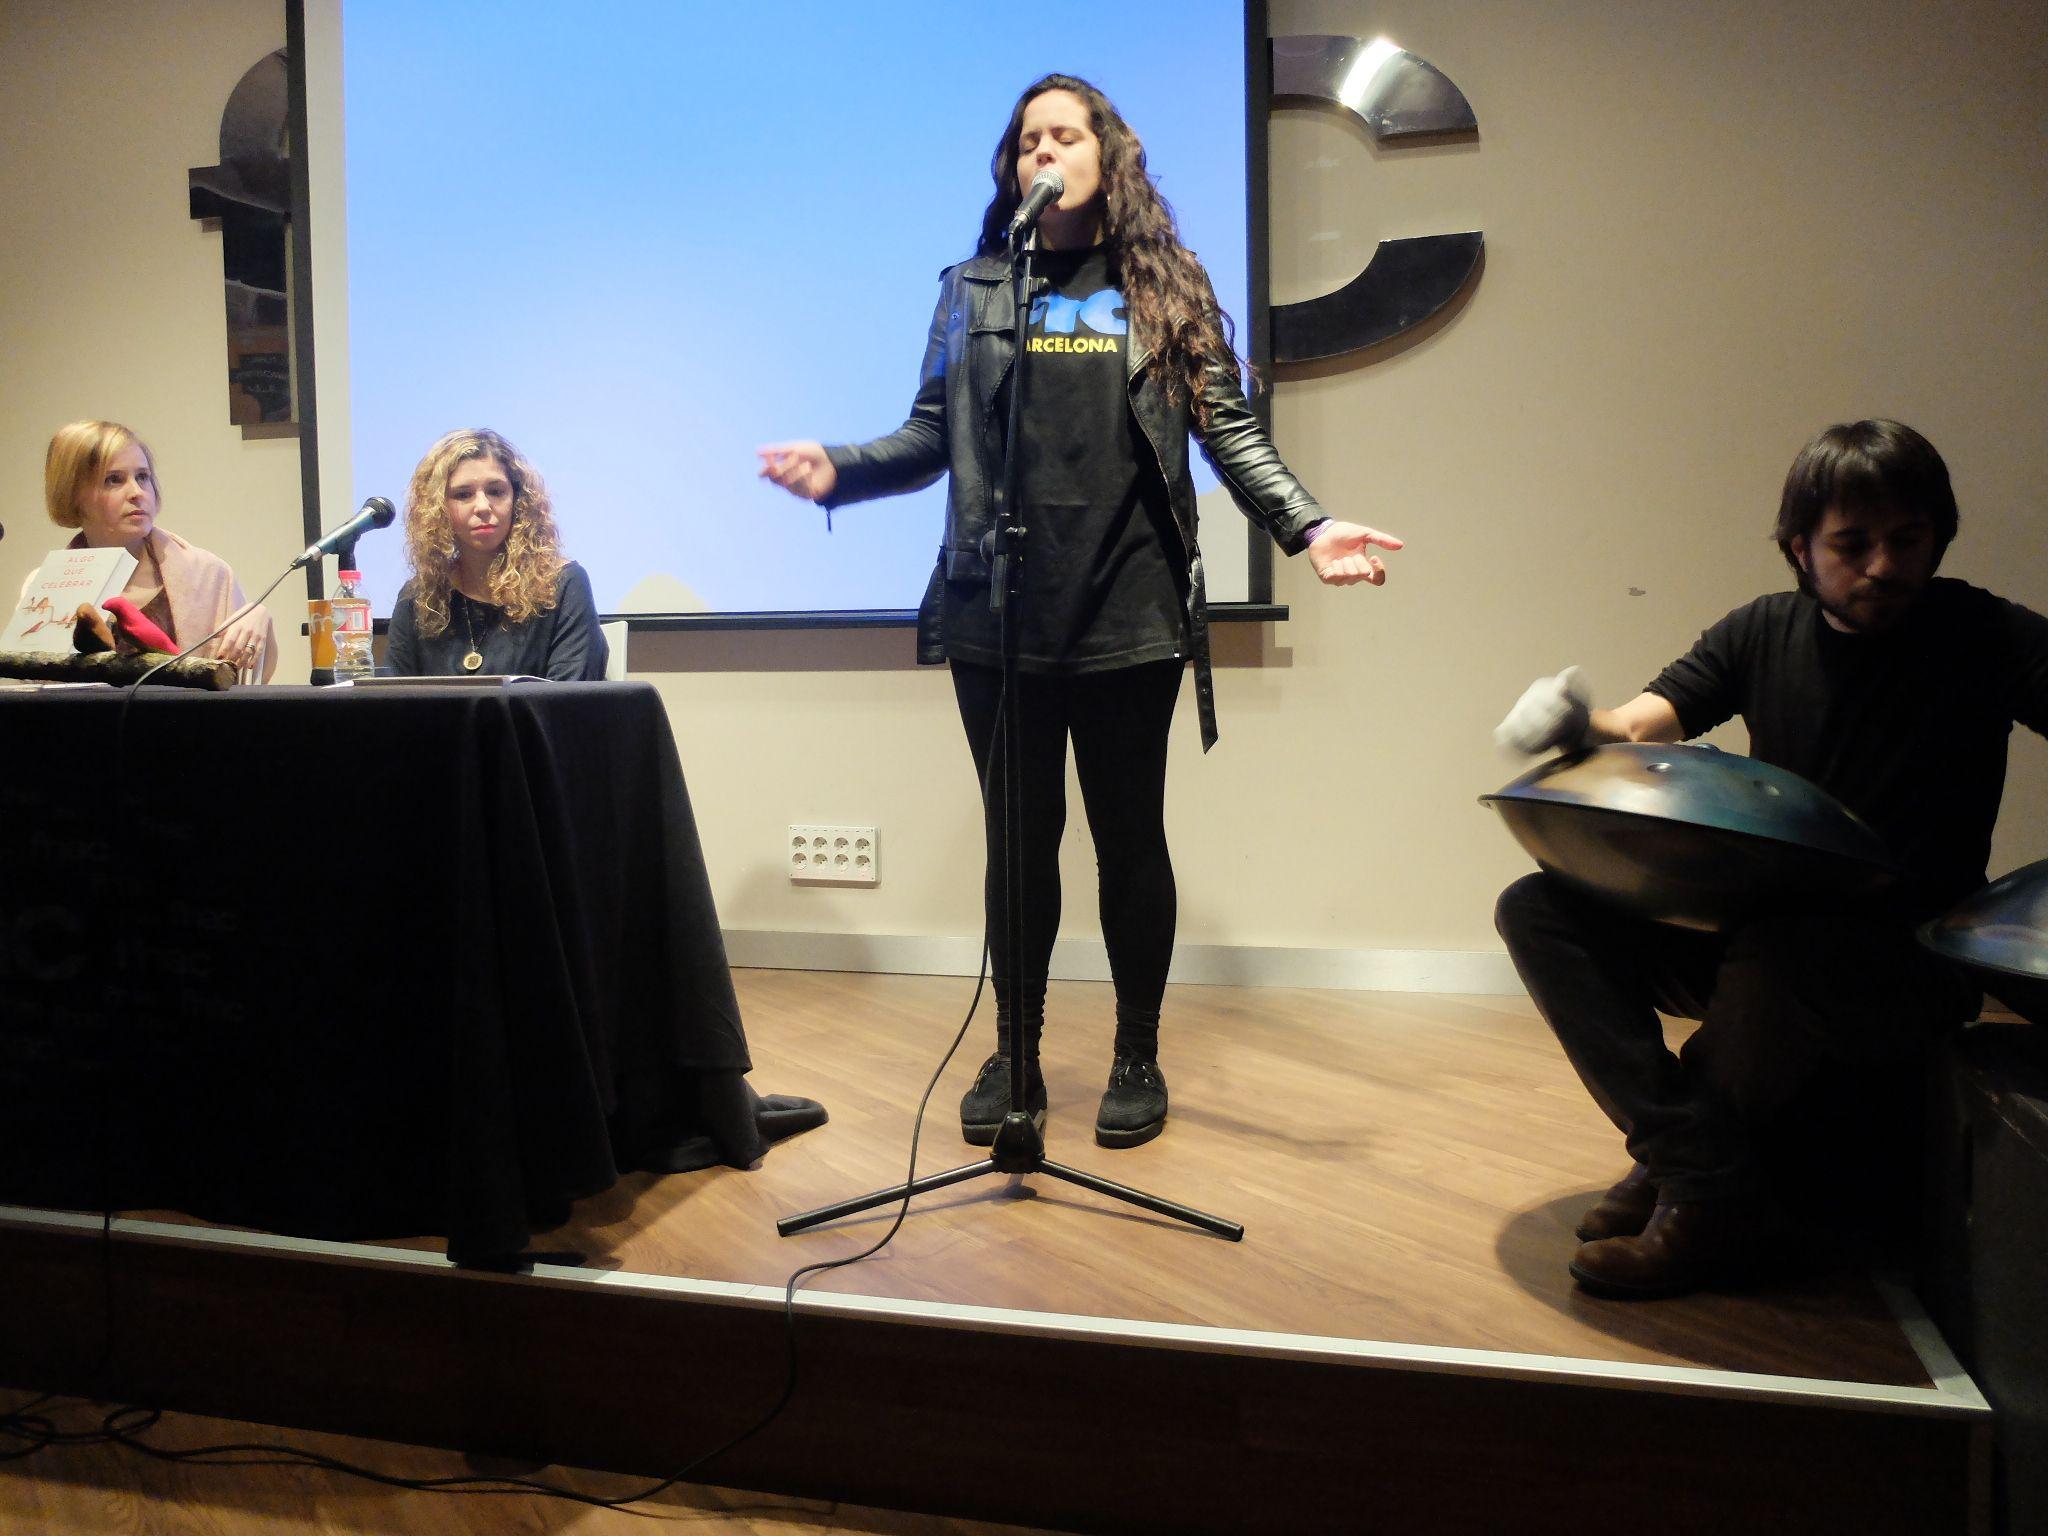 """Presentación de 'ALGO QUE CELEBRAR'  de Lola Mayenco [URANO] el 17 de diciembre de 2013. Actuación de Ravid & Rose, que interpretaron la canción creada especialmente para el libro, """"Everyday Wonders""""."""